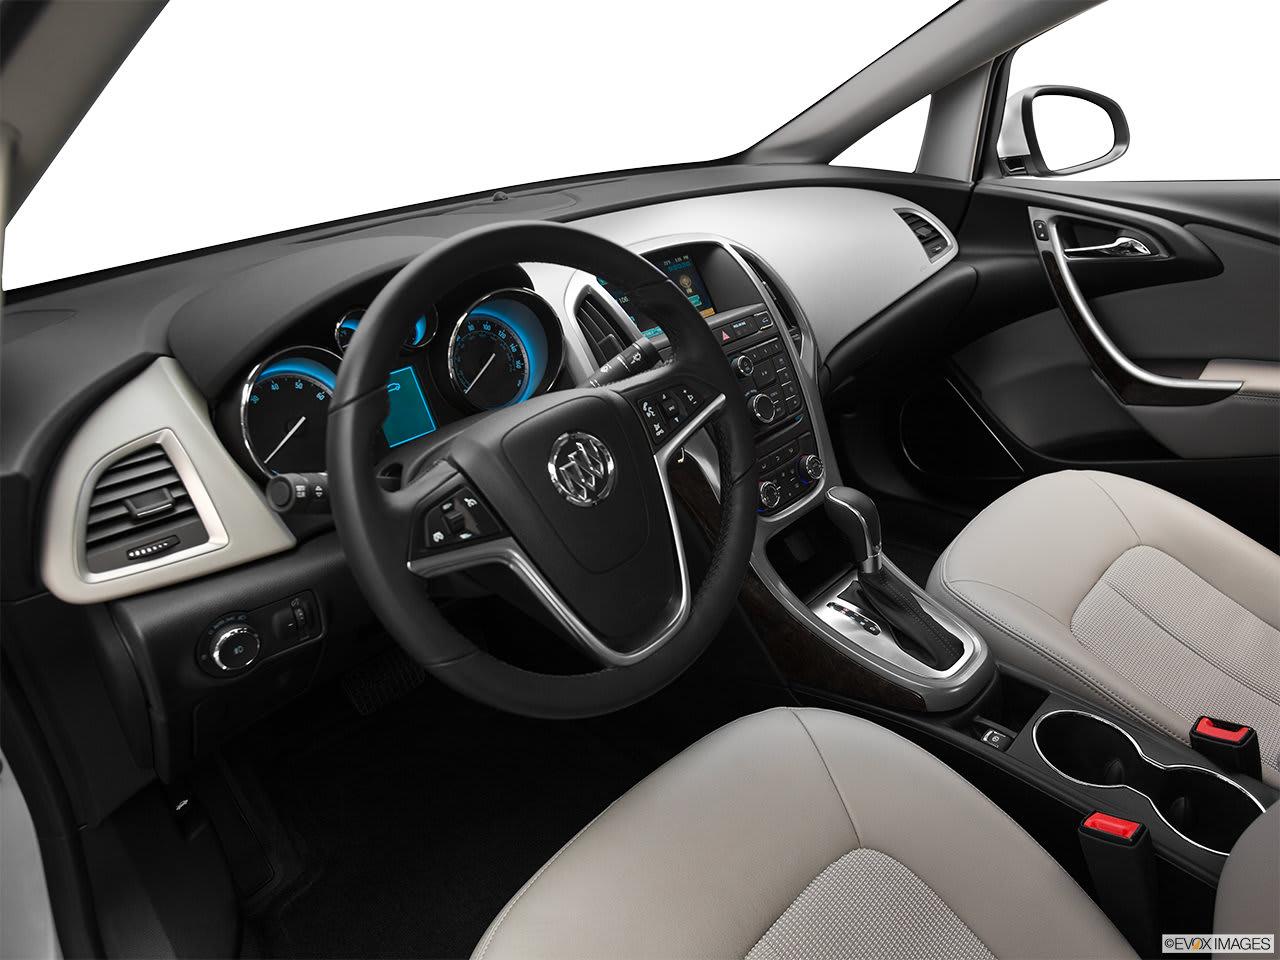 Buick Verano 2012 Interior